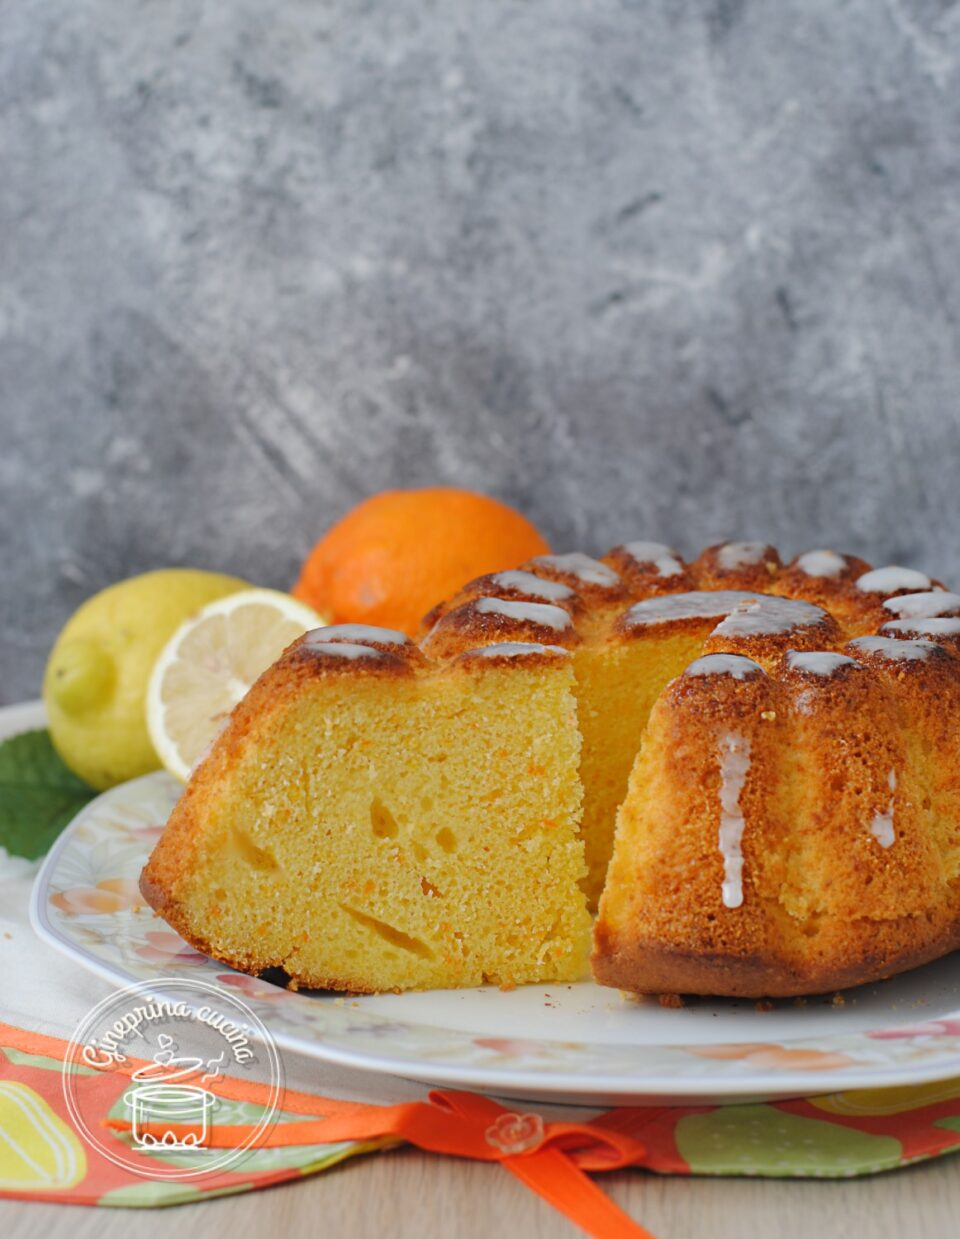 torta ACE con arance limoni e carote